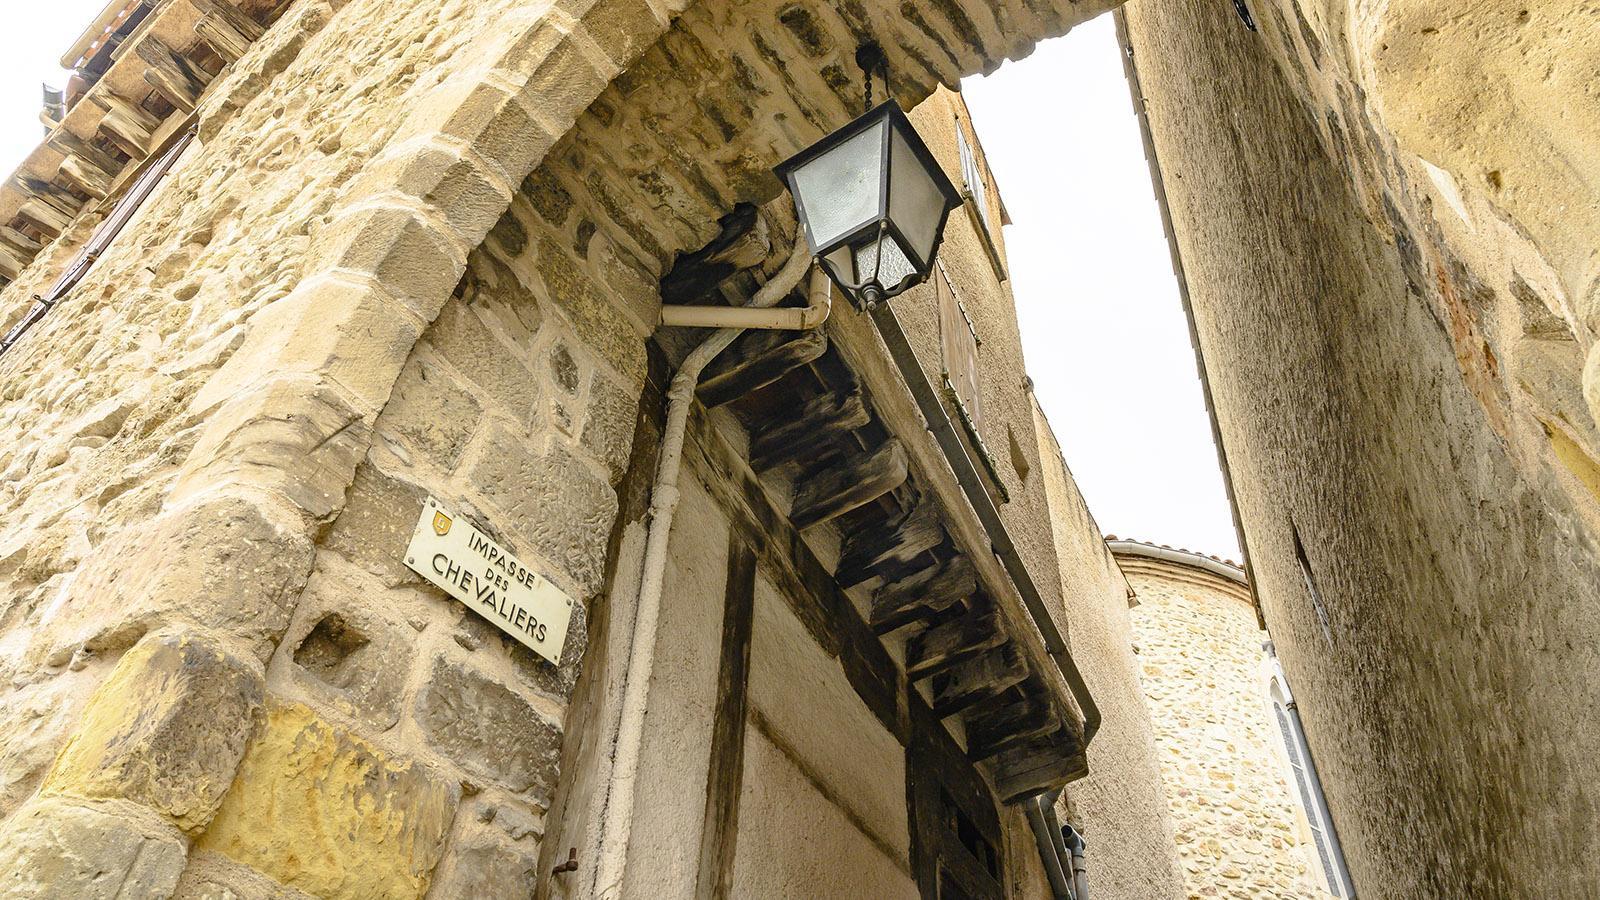 Campagne-sur-Aude: Auf dieser Gasse geht es hinein ins Templerkastell. Foto: Hilke Maunder